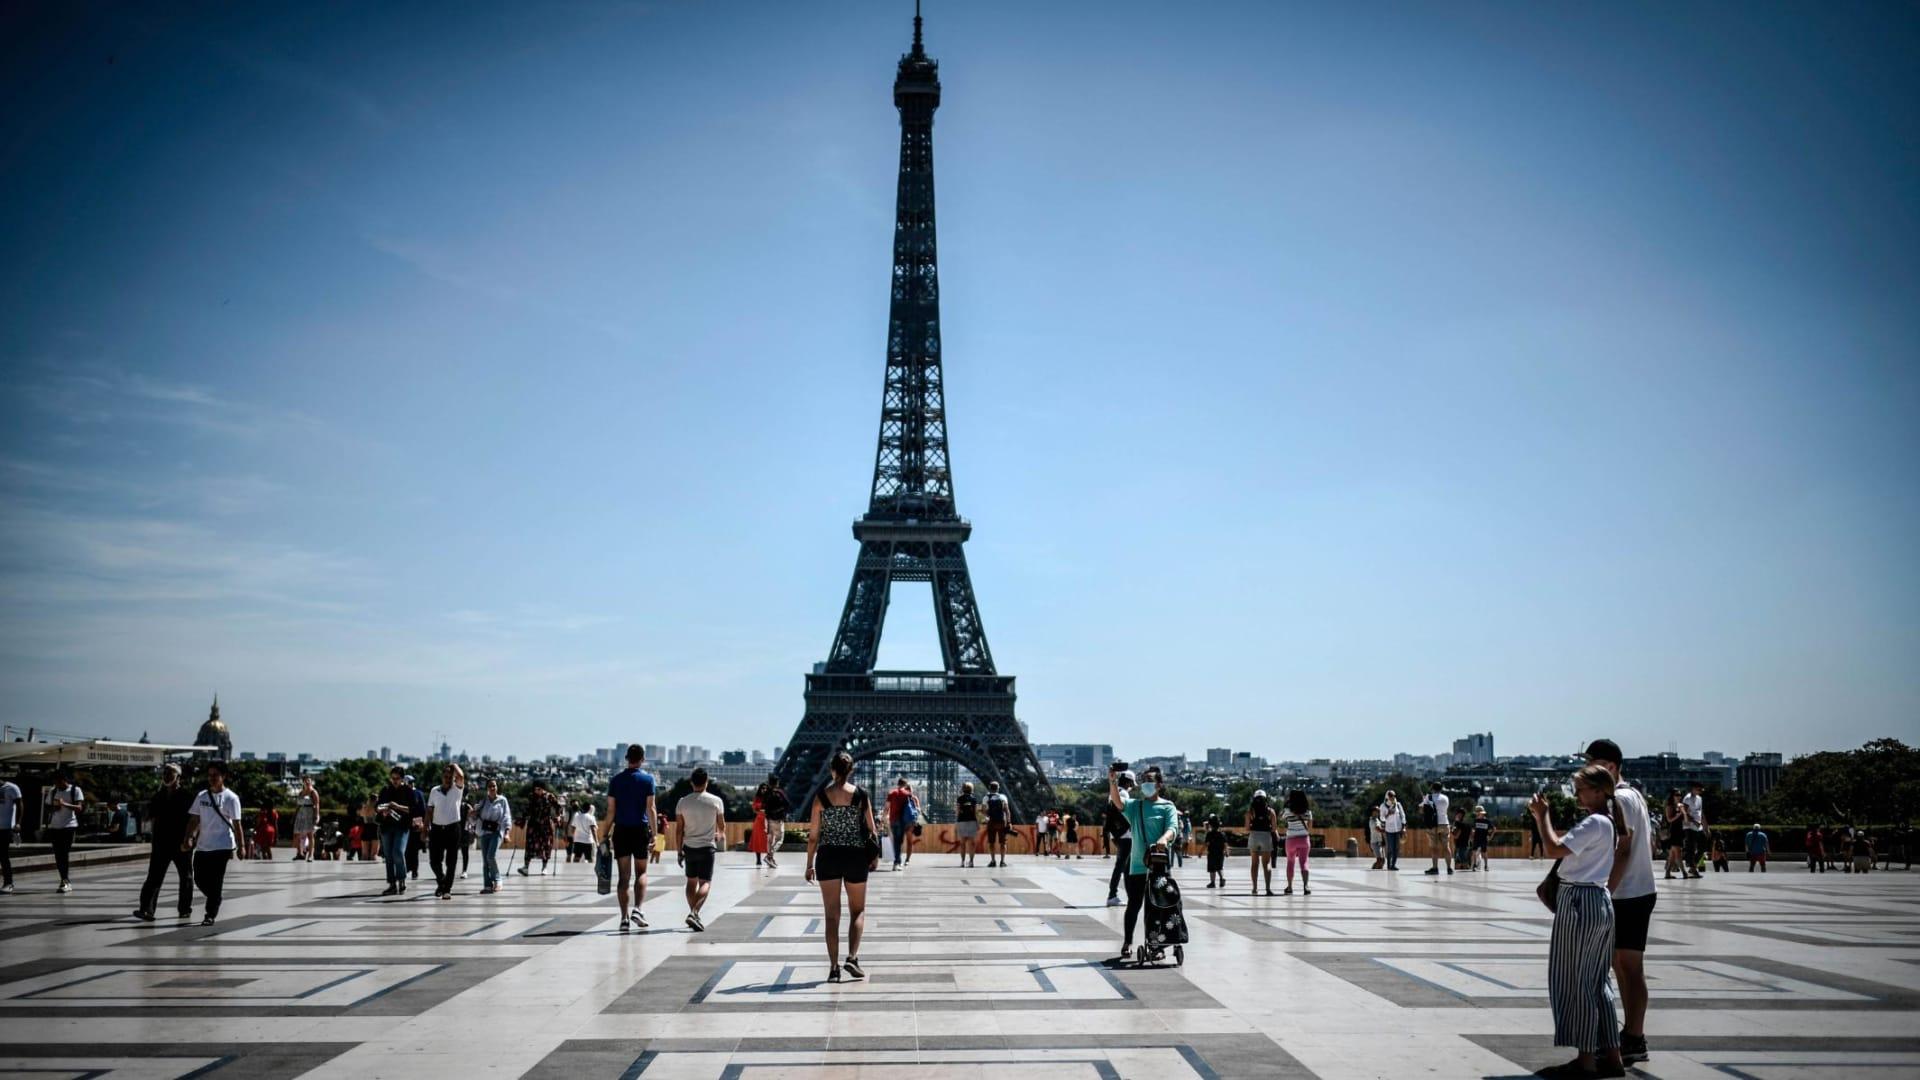 من المحتمل أنك لم تسمع عنها من قبل.. تسبب هذه الحرب الثقافية مشاكل مرورية ضخمة بفرنسا سنوياً